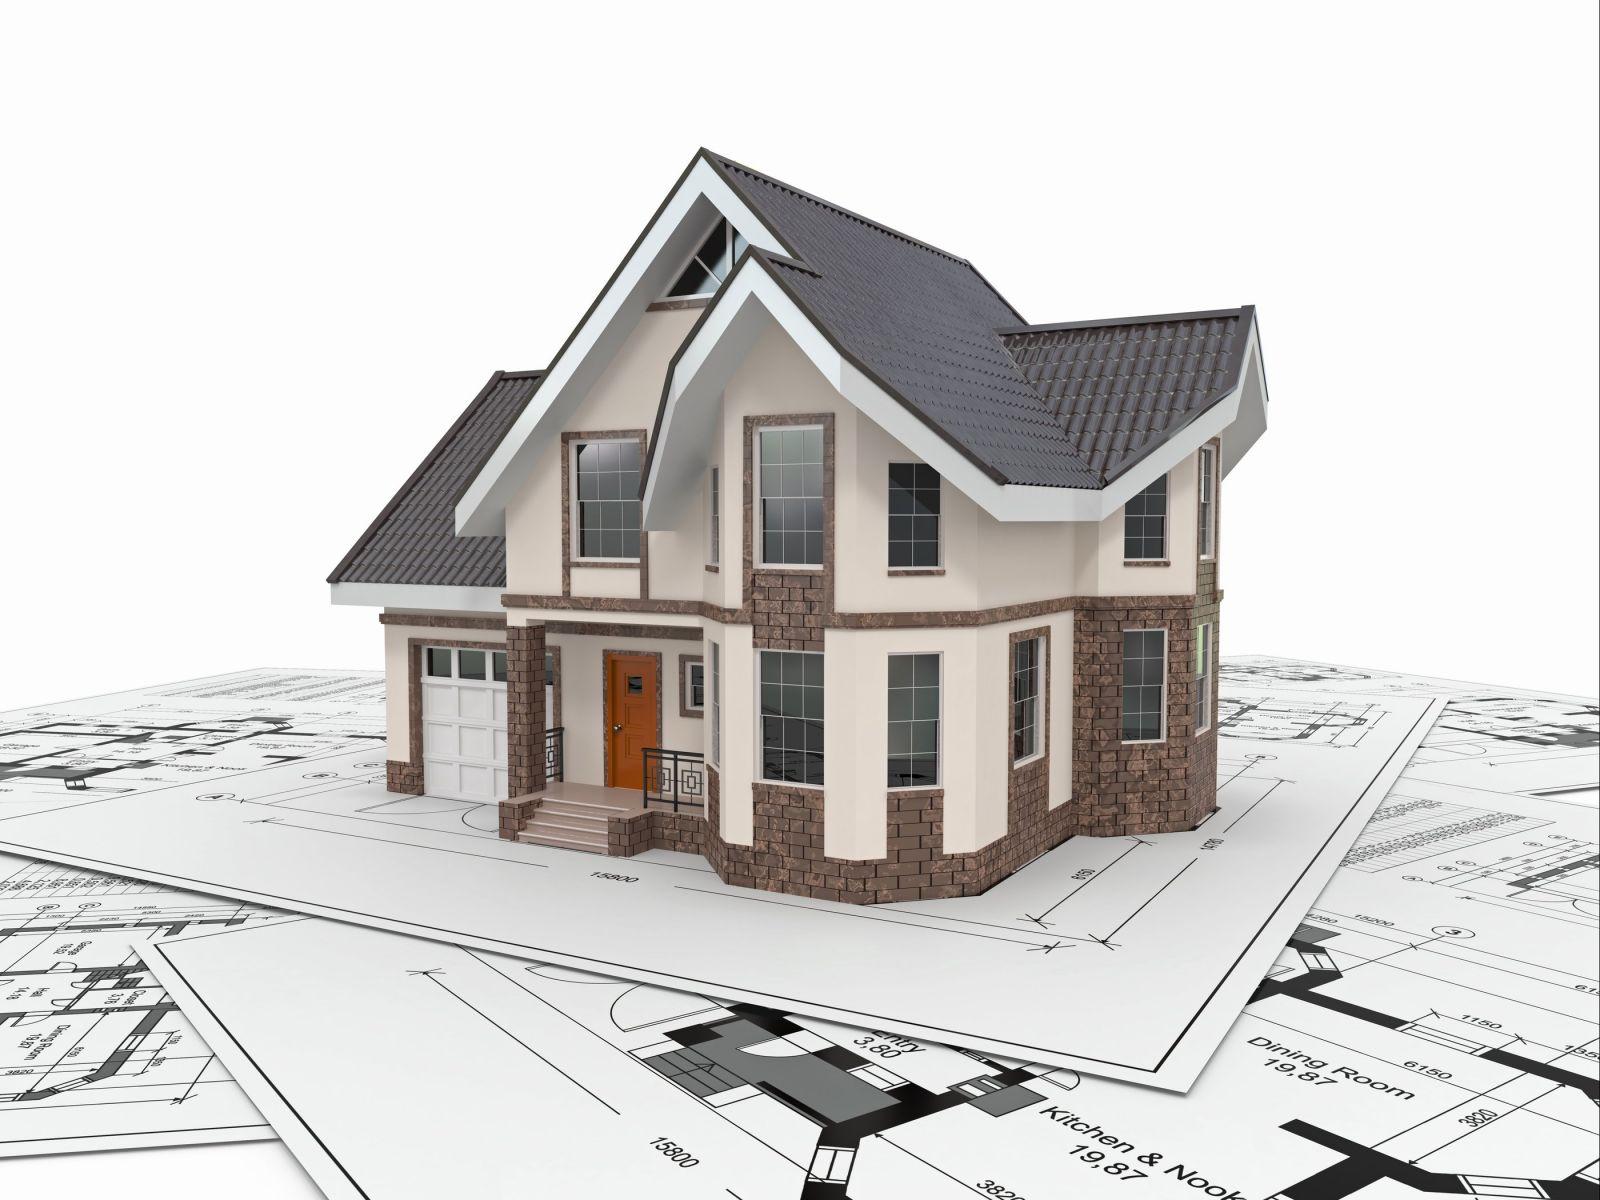 Mua bán bất động sản: đất quận 2